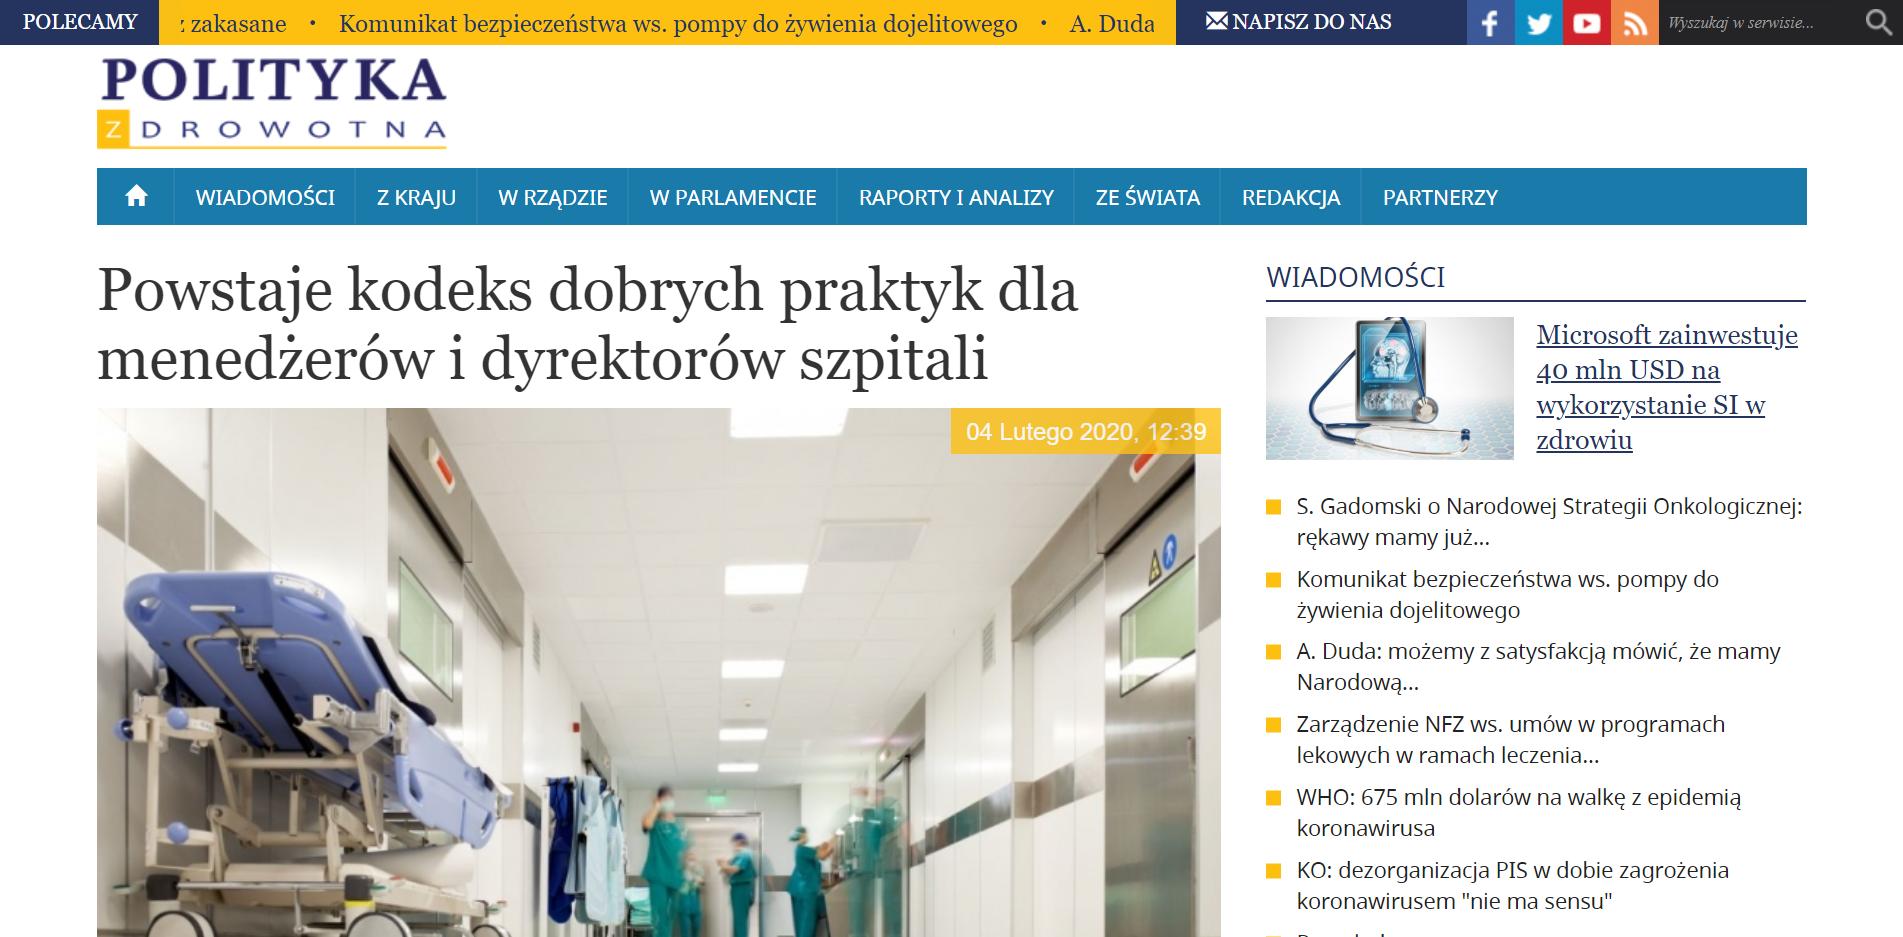 Powstaje kodeks dobrych praktyk dla menedżerów i dyrektorów szpitali